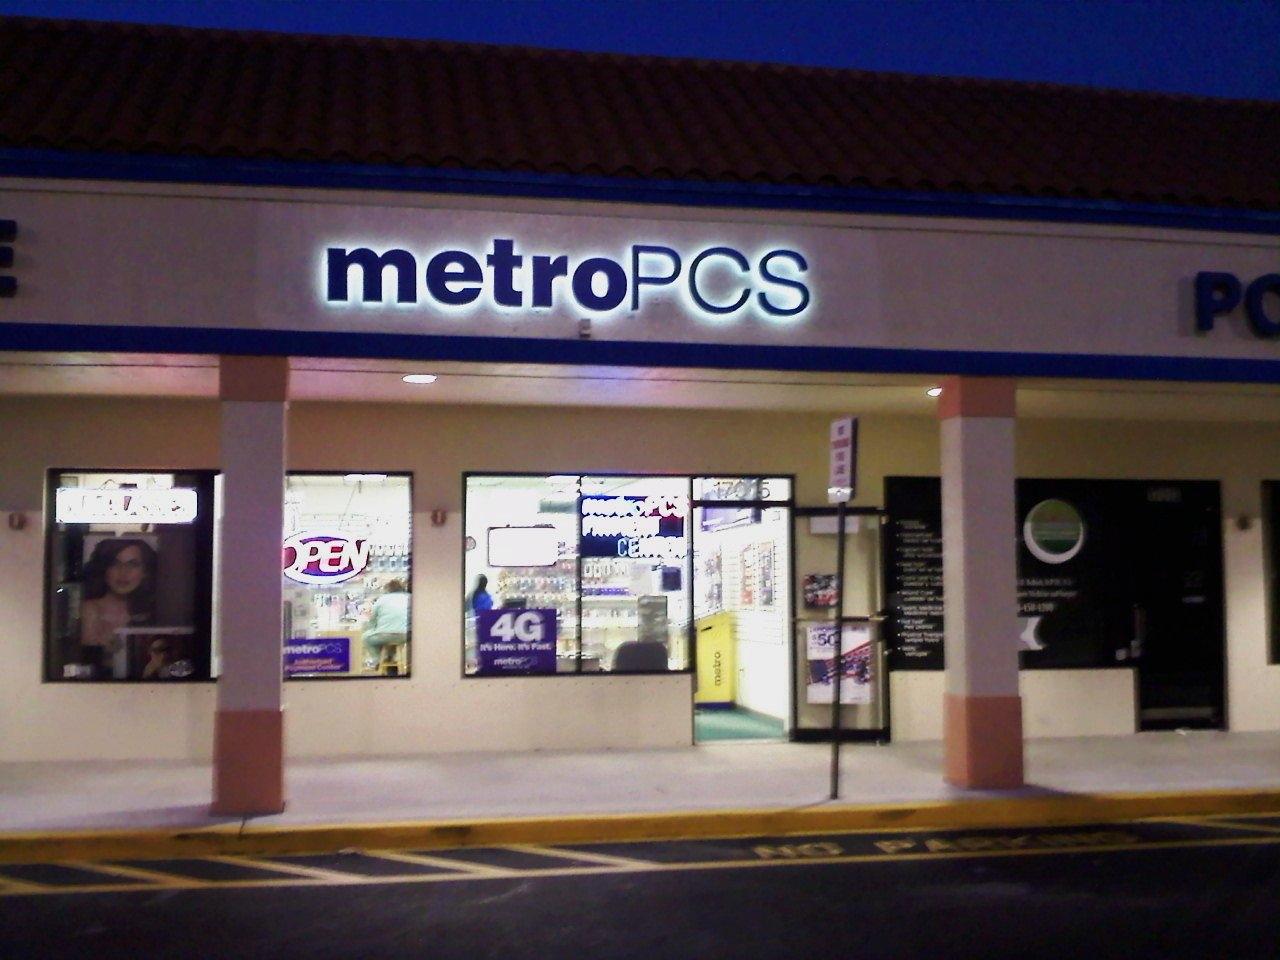 Metropcs coupons discounts